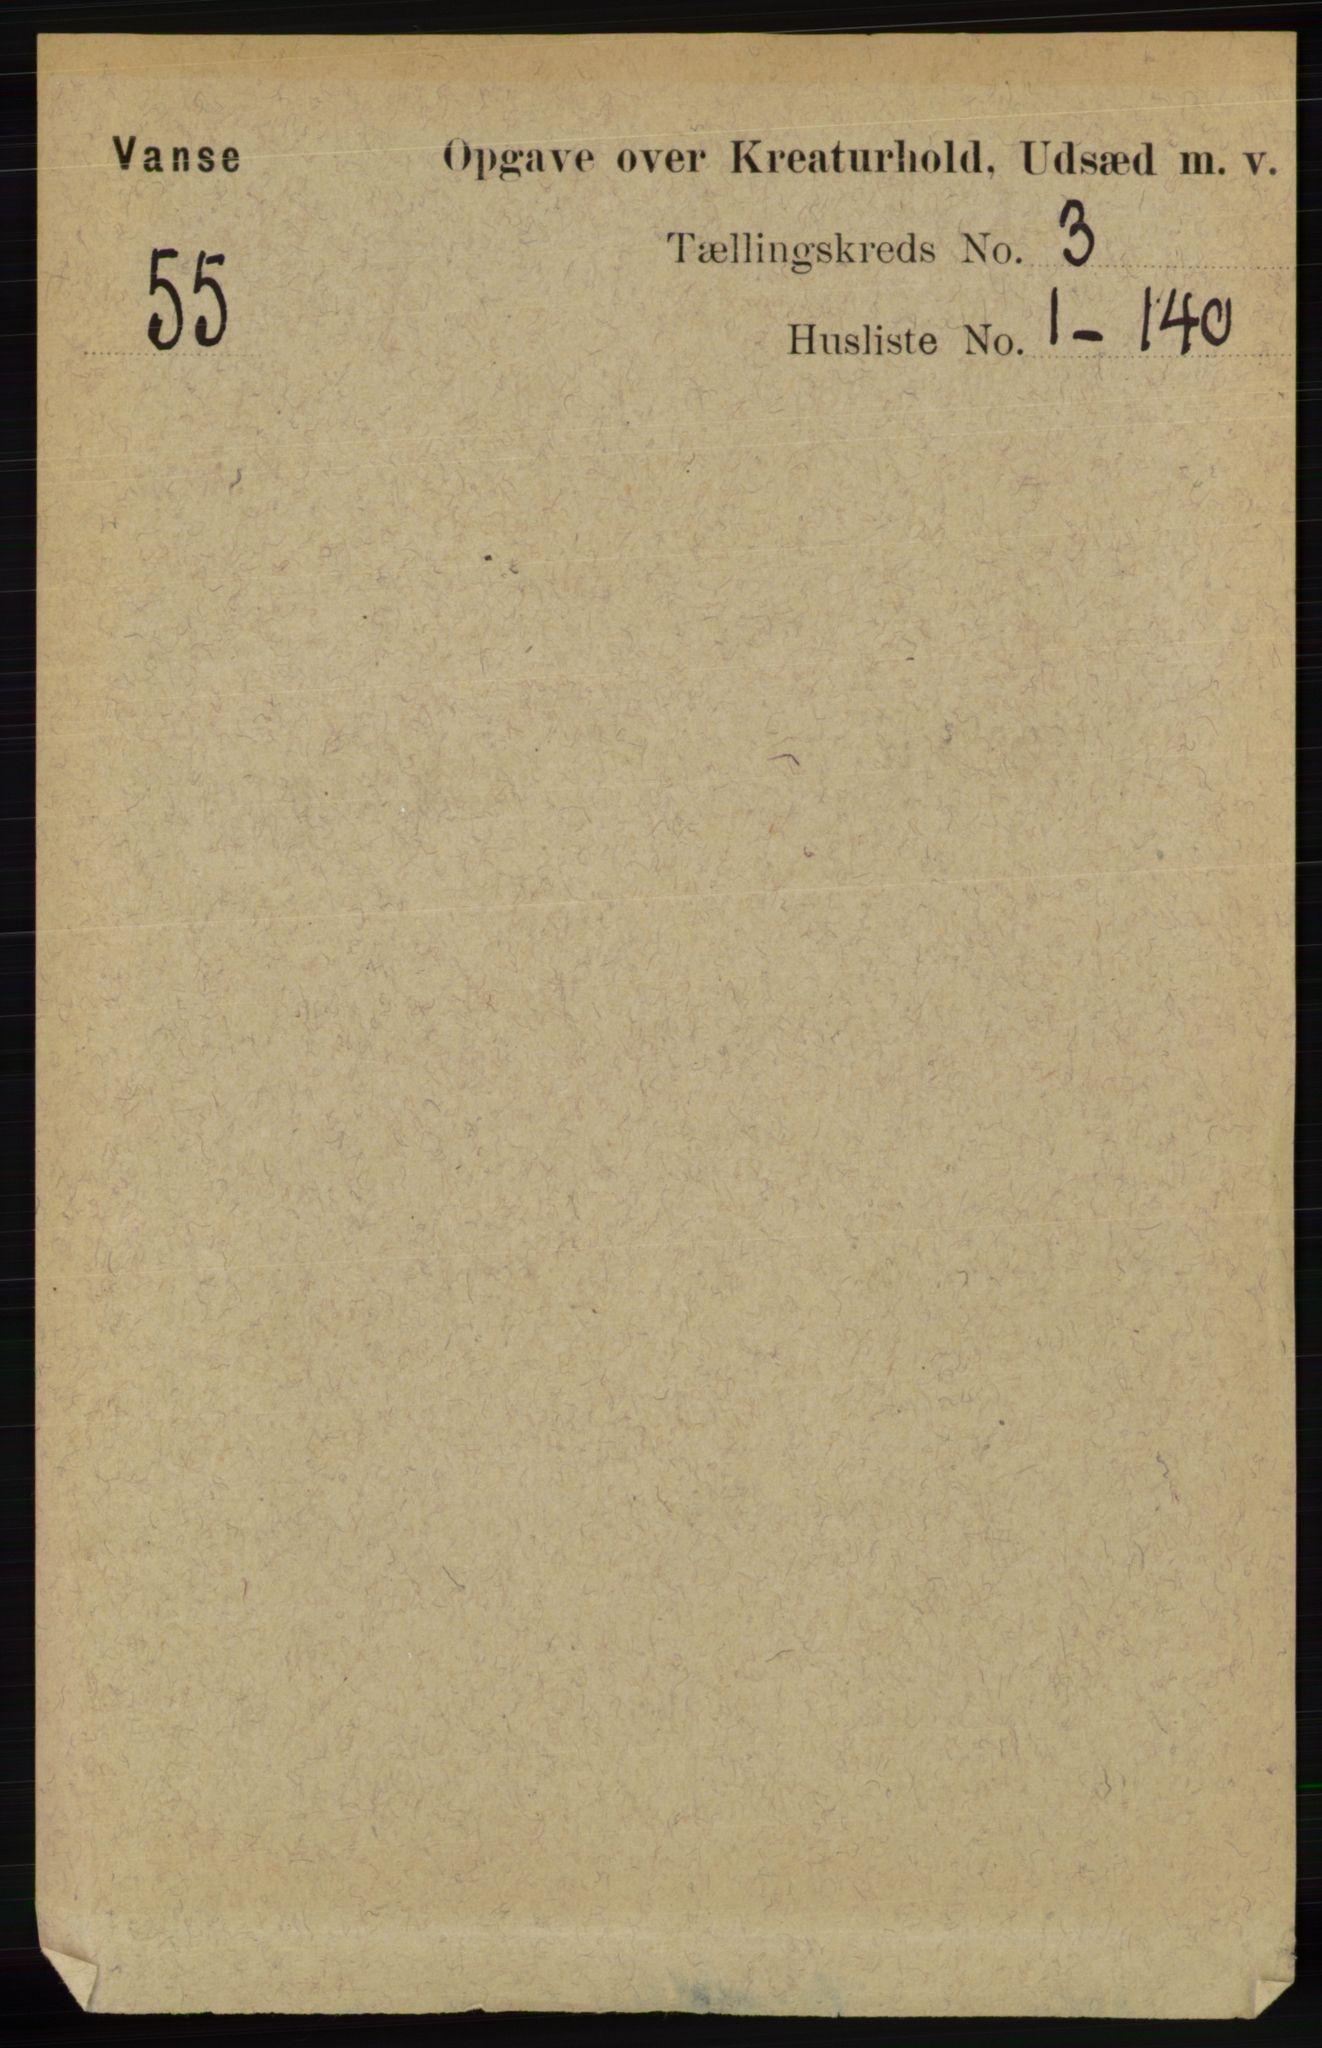 RA, Folketelling 1891 for 1041 Vanse herred, 1891, s. 8238